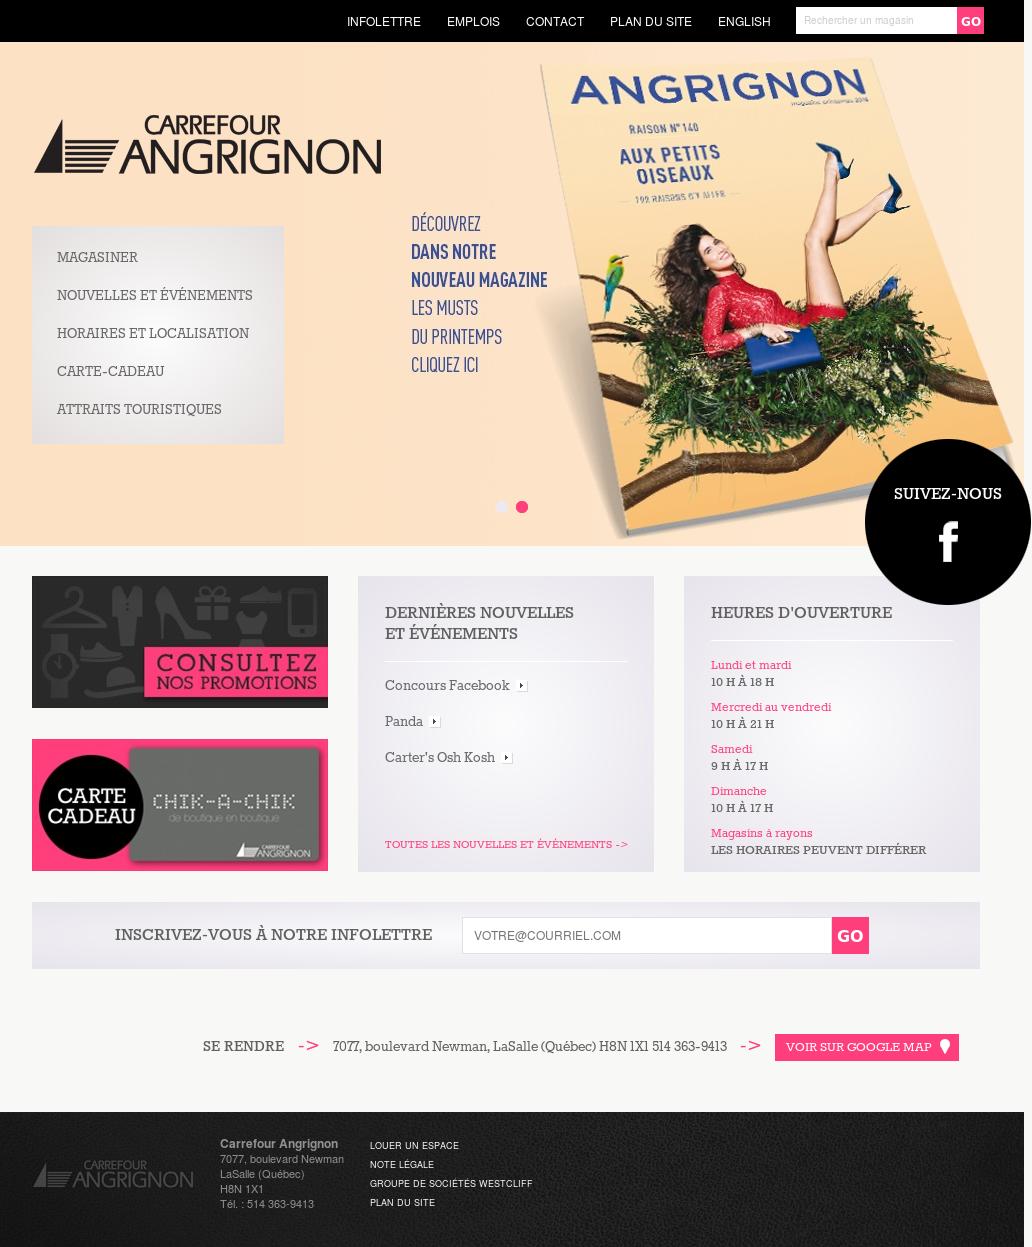 Carte Carrefour Angrignon.Image2 Owler Com 6155741 1465120329196 Png